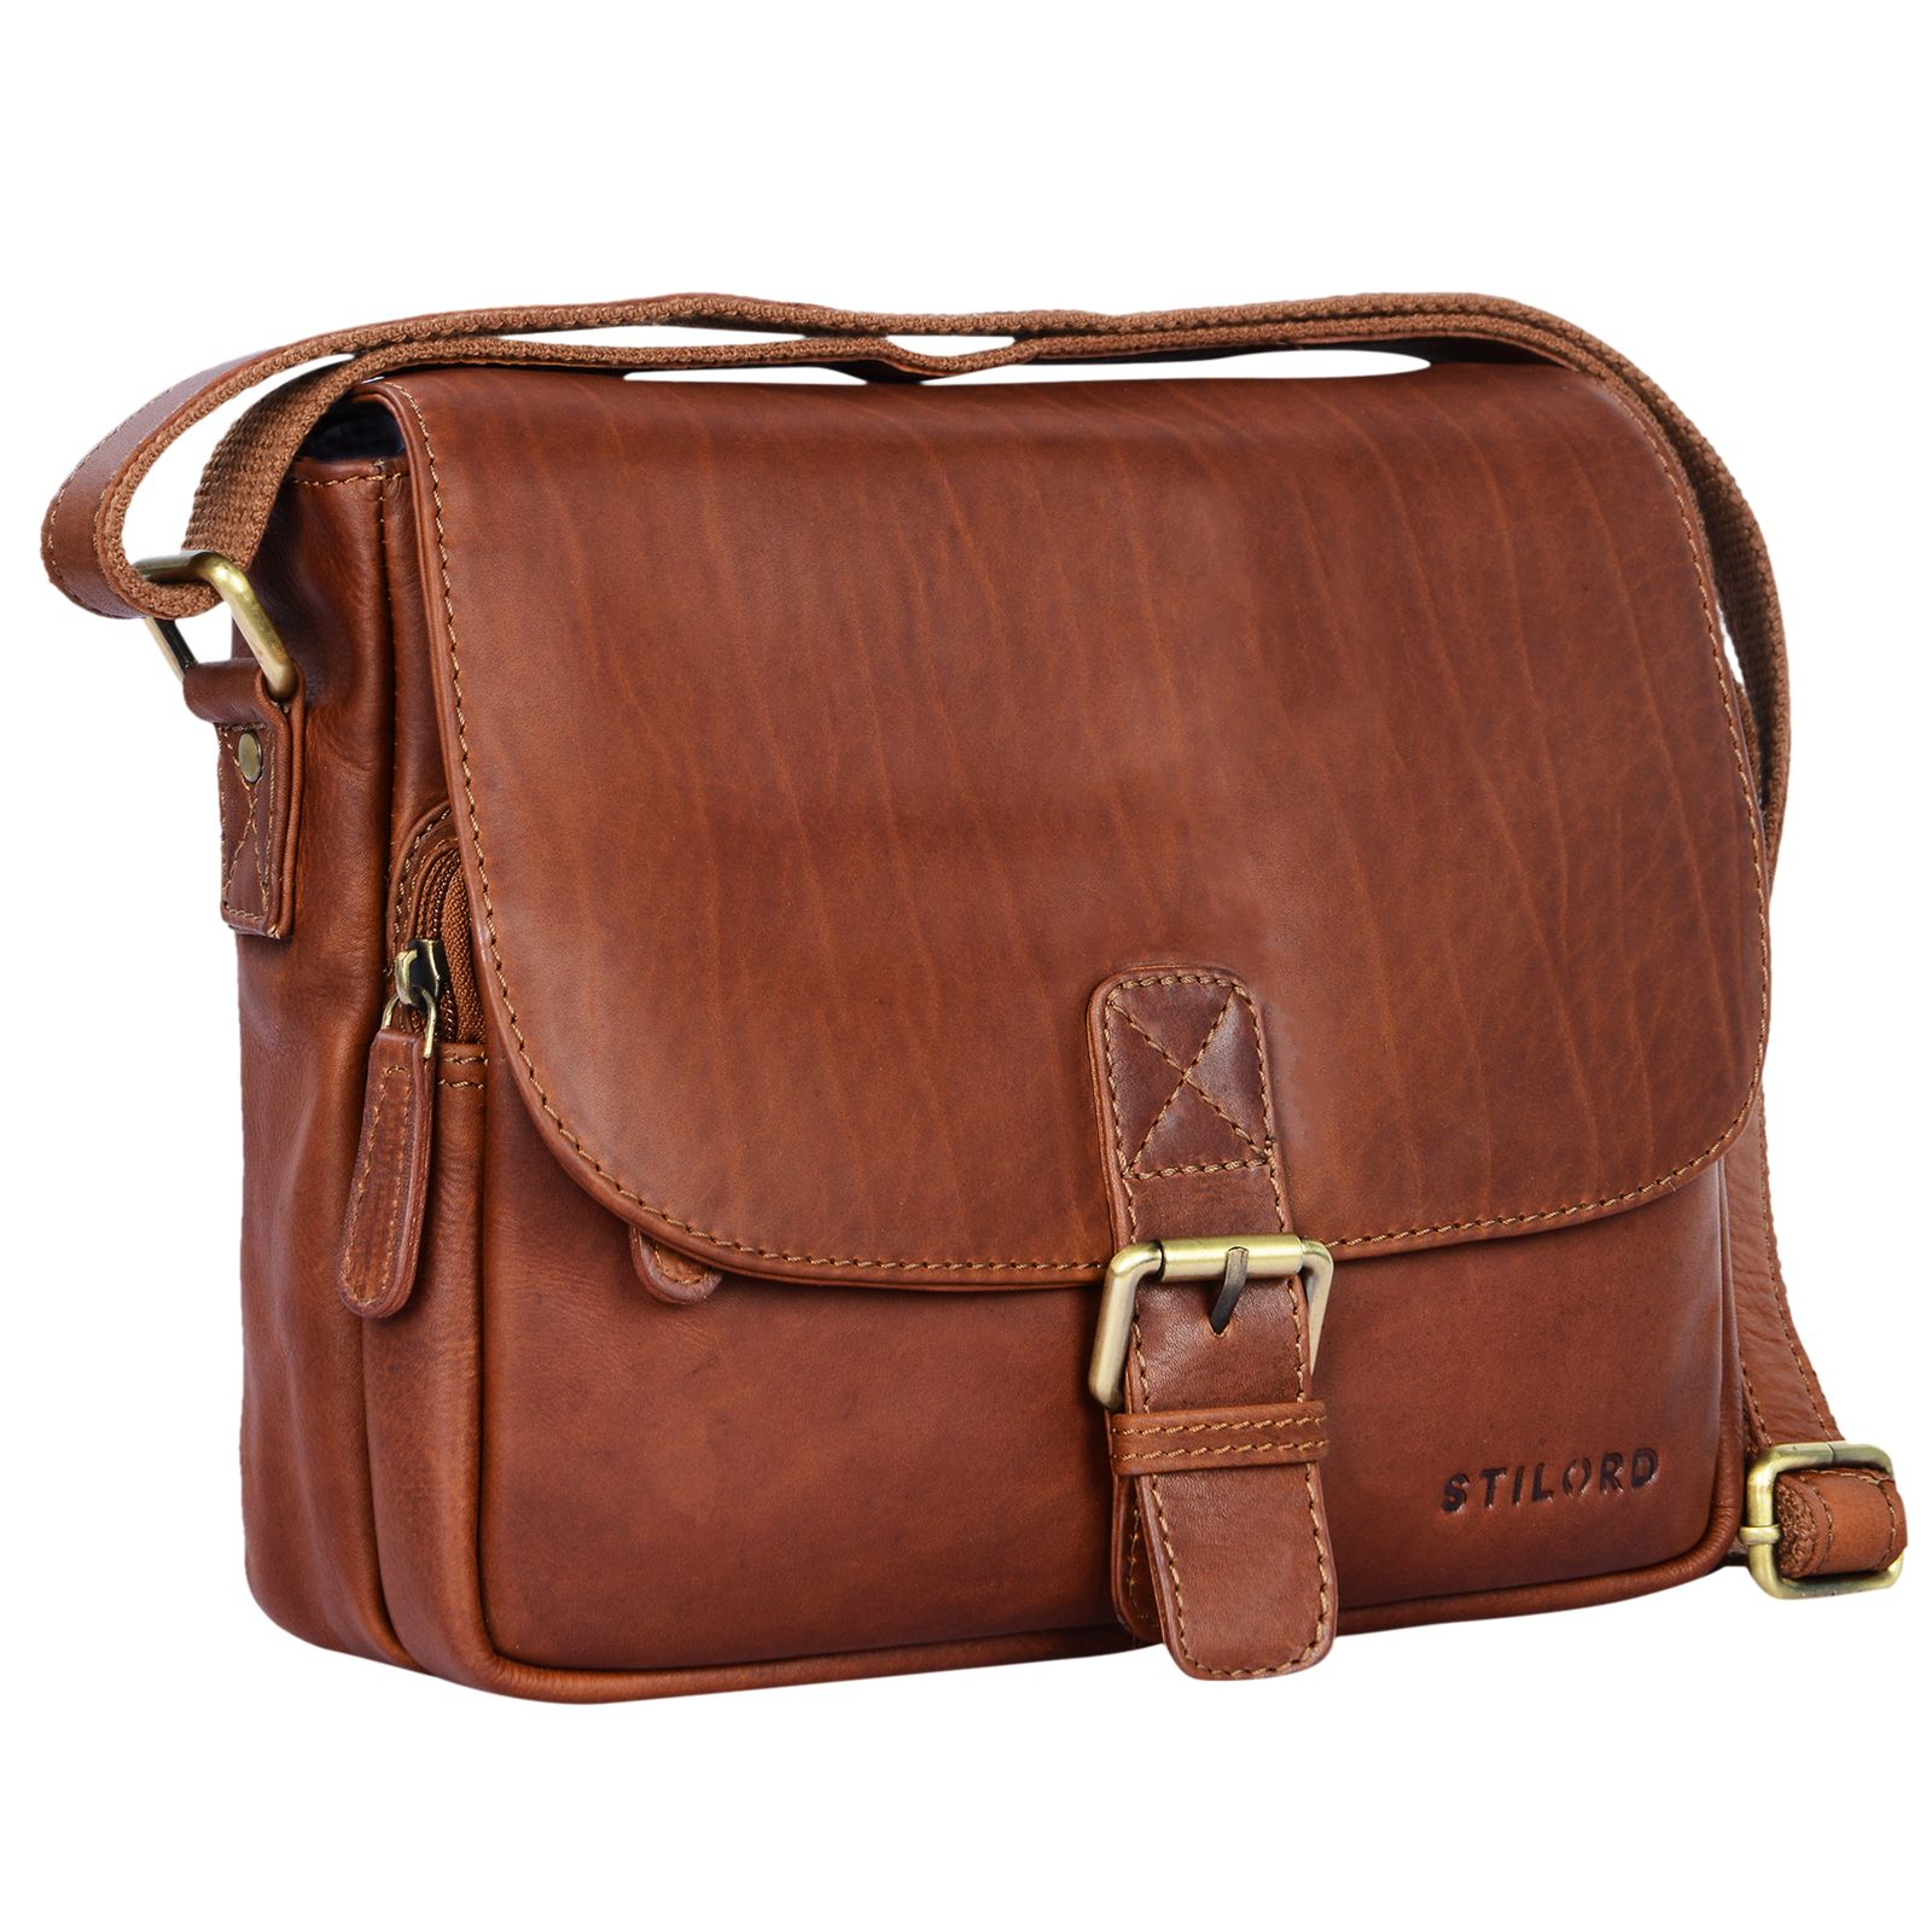 """STILORD """"Lucian"""" Vintage Umhängetasche Leder klein für Herren und Damen braune Schultertasche für 10.1 Zoll Tablet iPad DIN A5 Handtasche aus echtem Leder - Bild 9"""